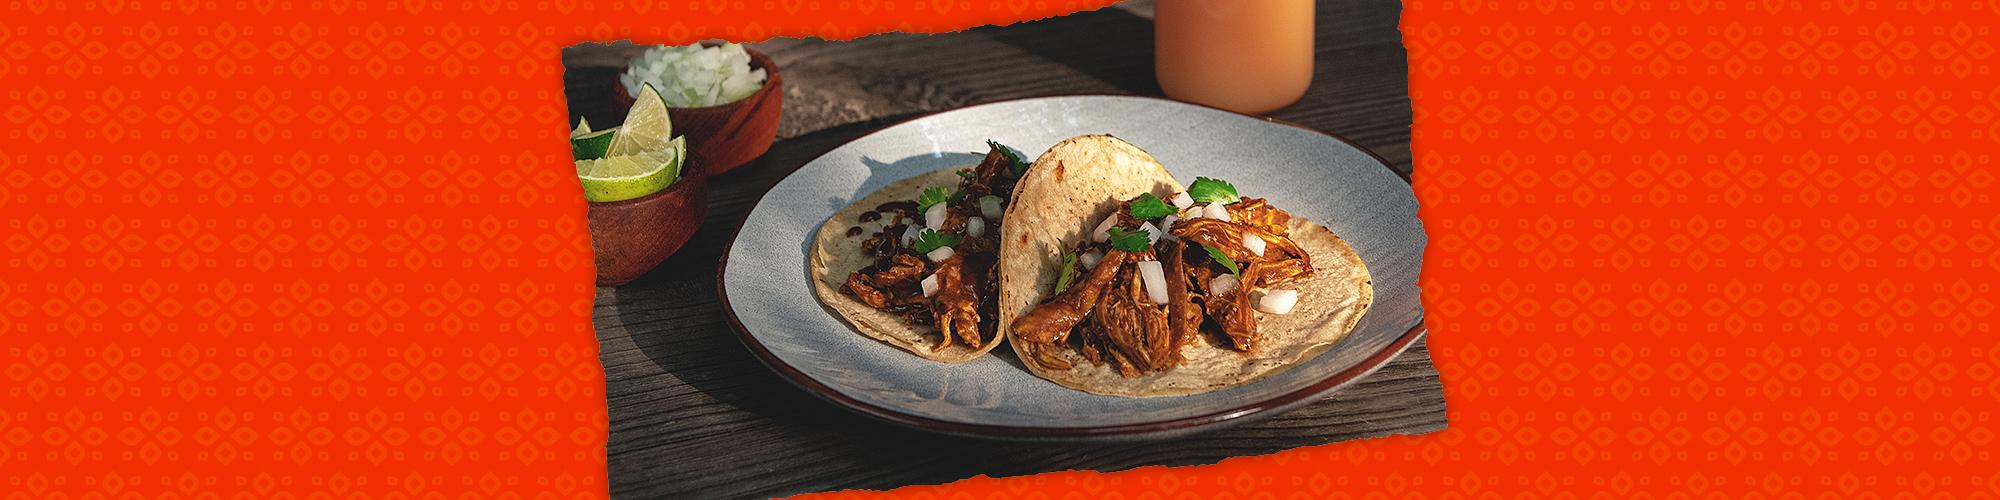 Salsas chicken tacos